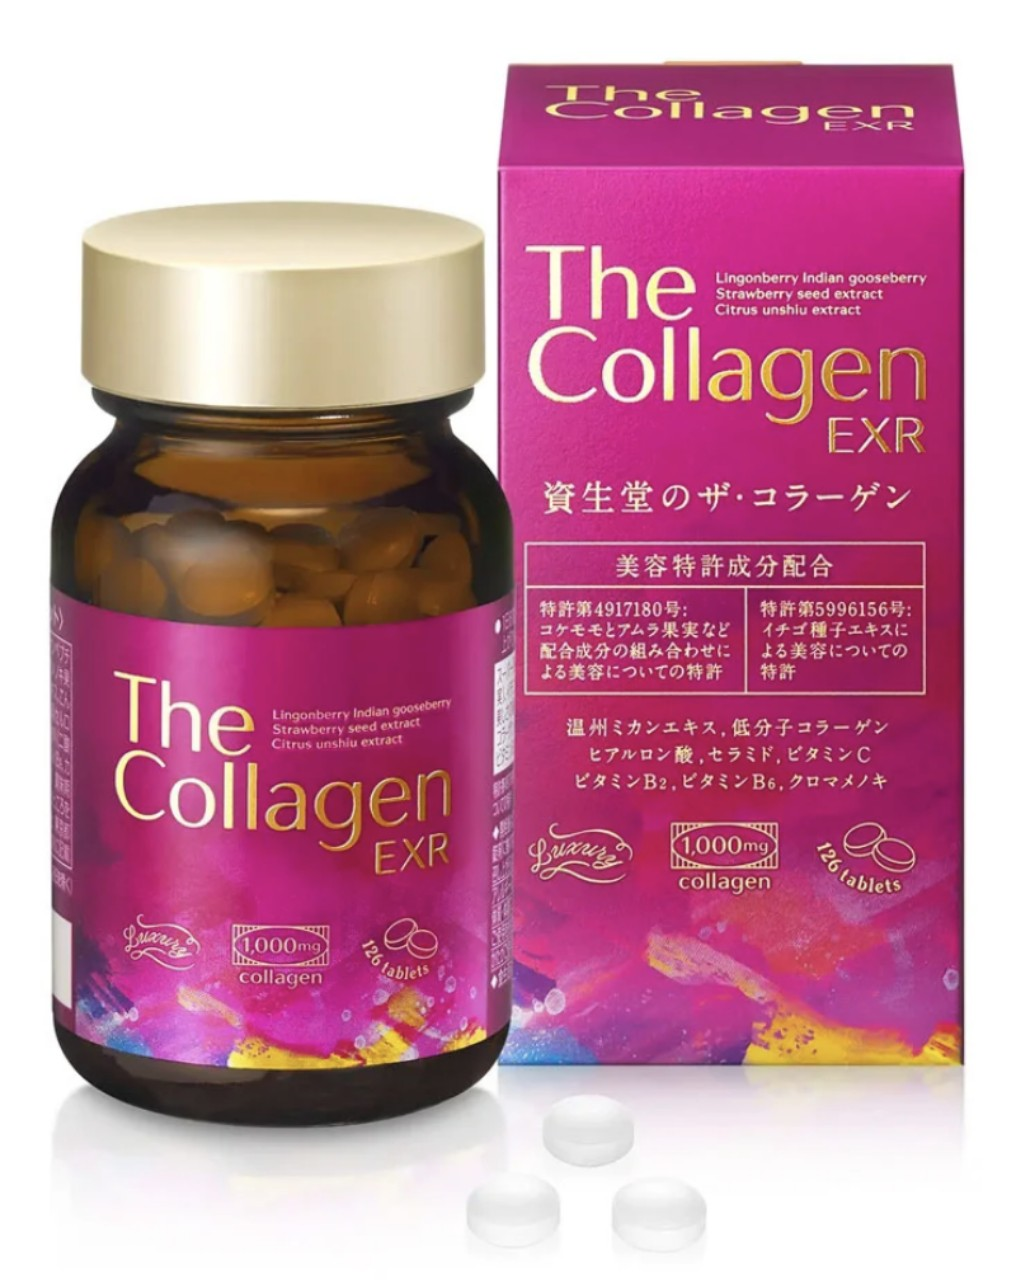 Viên uống Collagen The Shiseido EXR 126v 40+ mẫu mới- Hàng Nhật nội địa